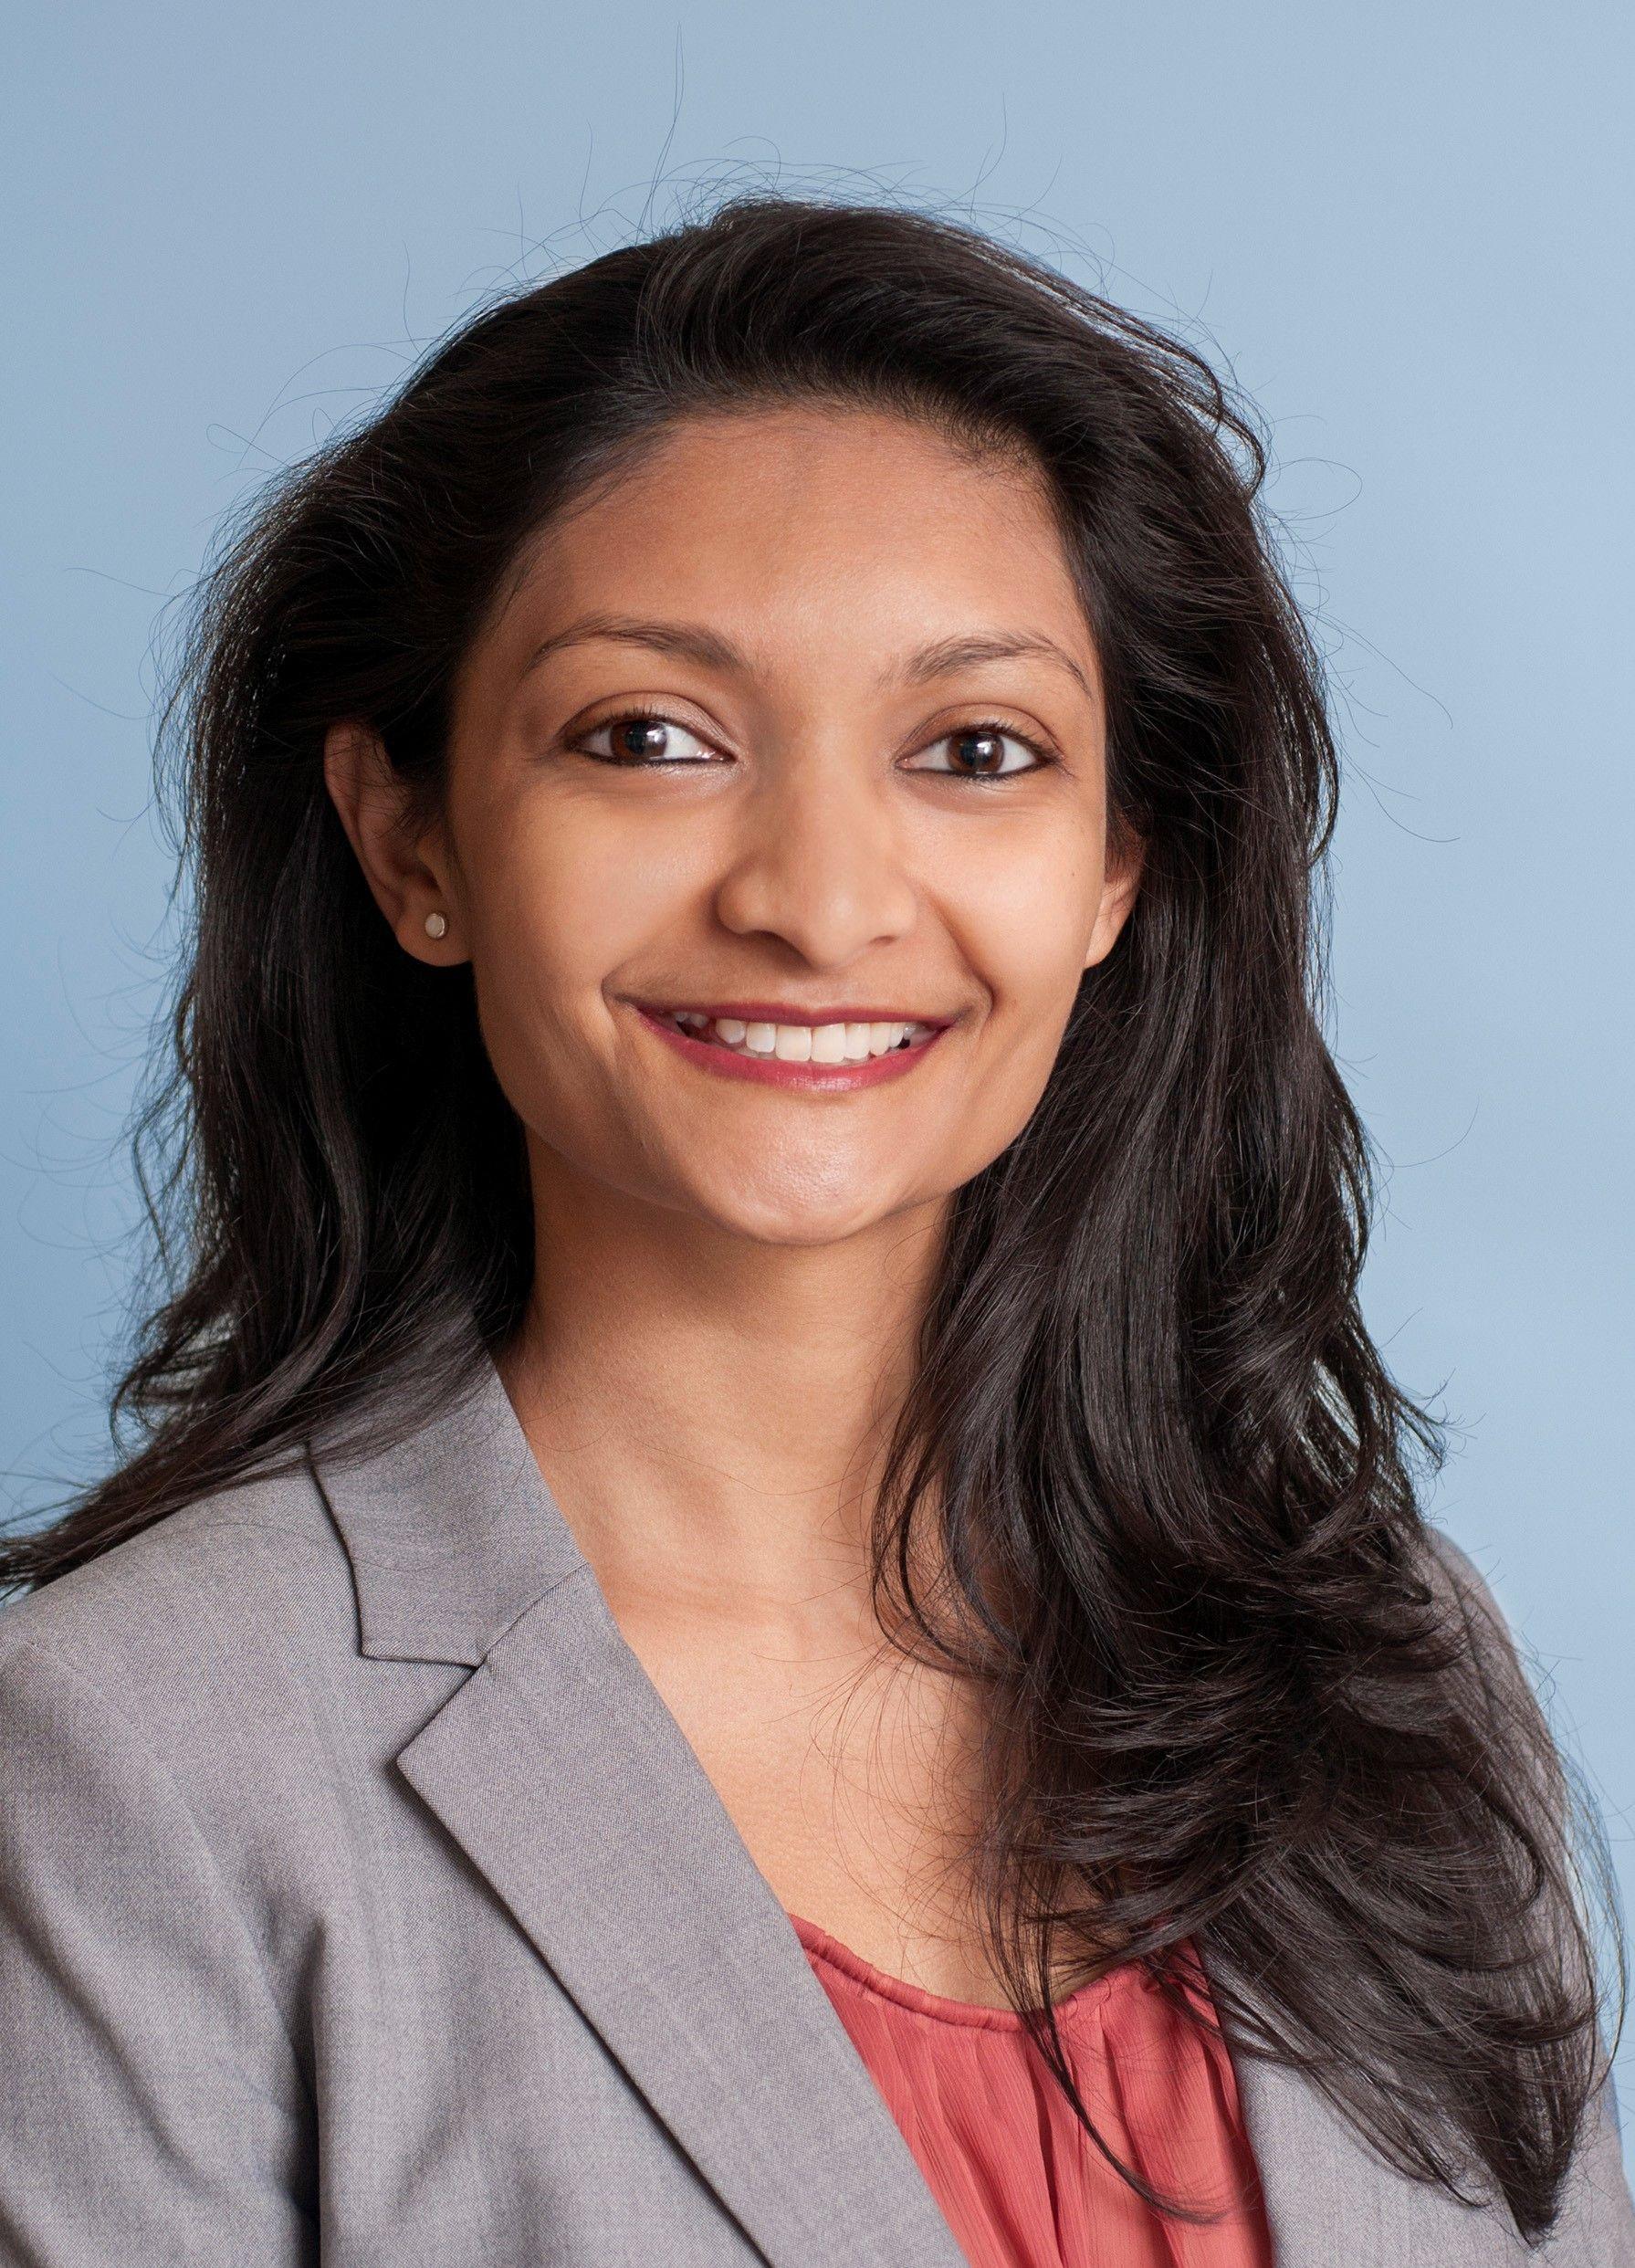 Shinjita Das, MD's avatar